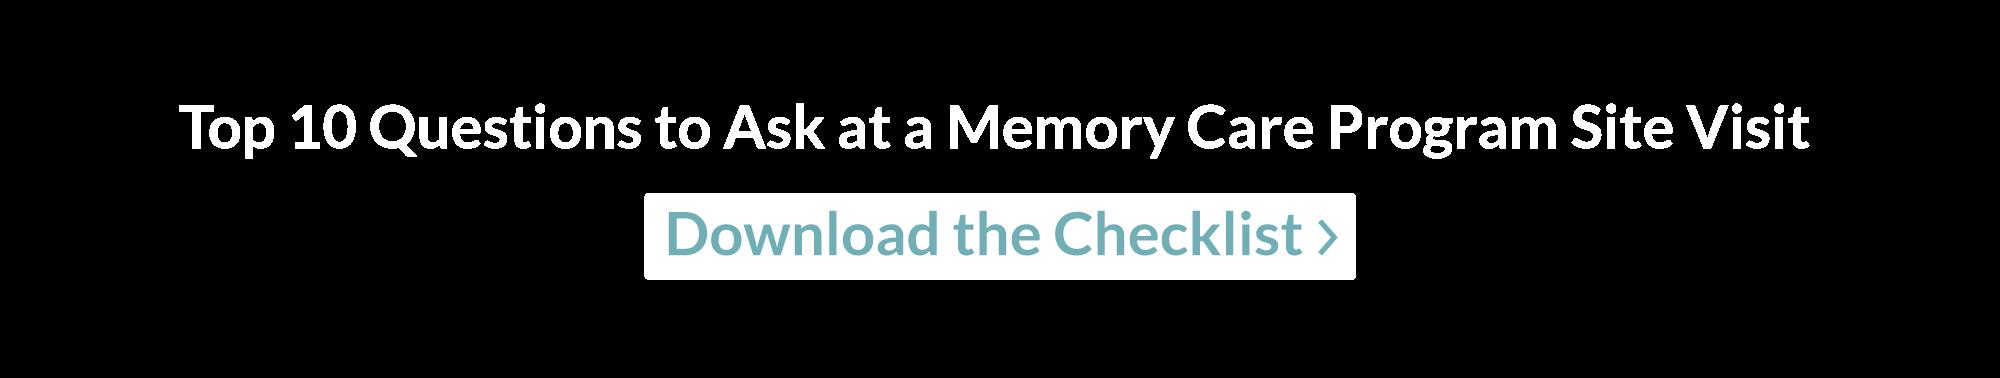 Site Visit Checklist